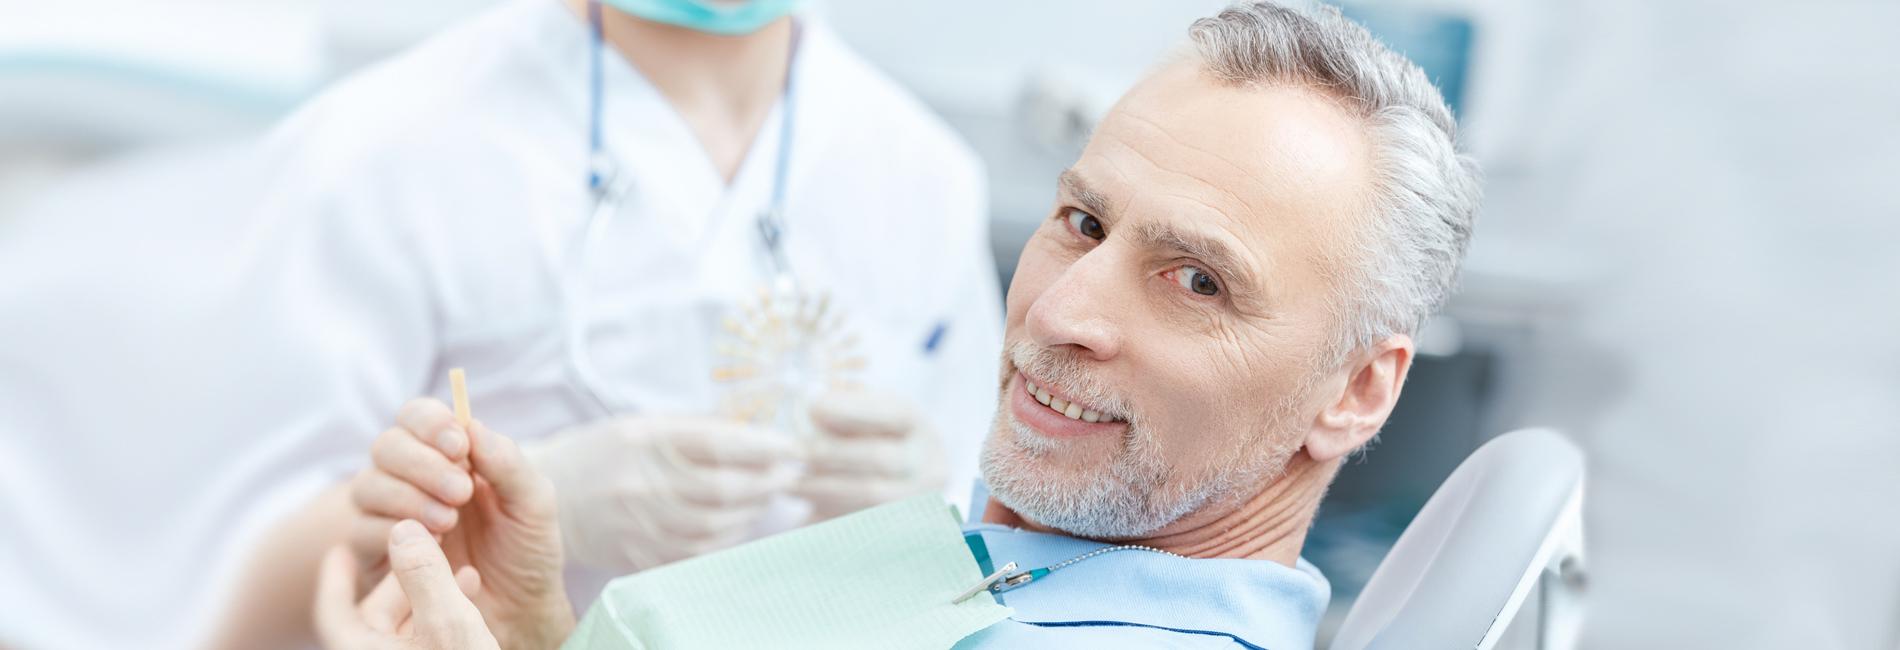 Zahnarzt-Tornesch-Prothetik-Header